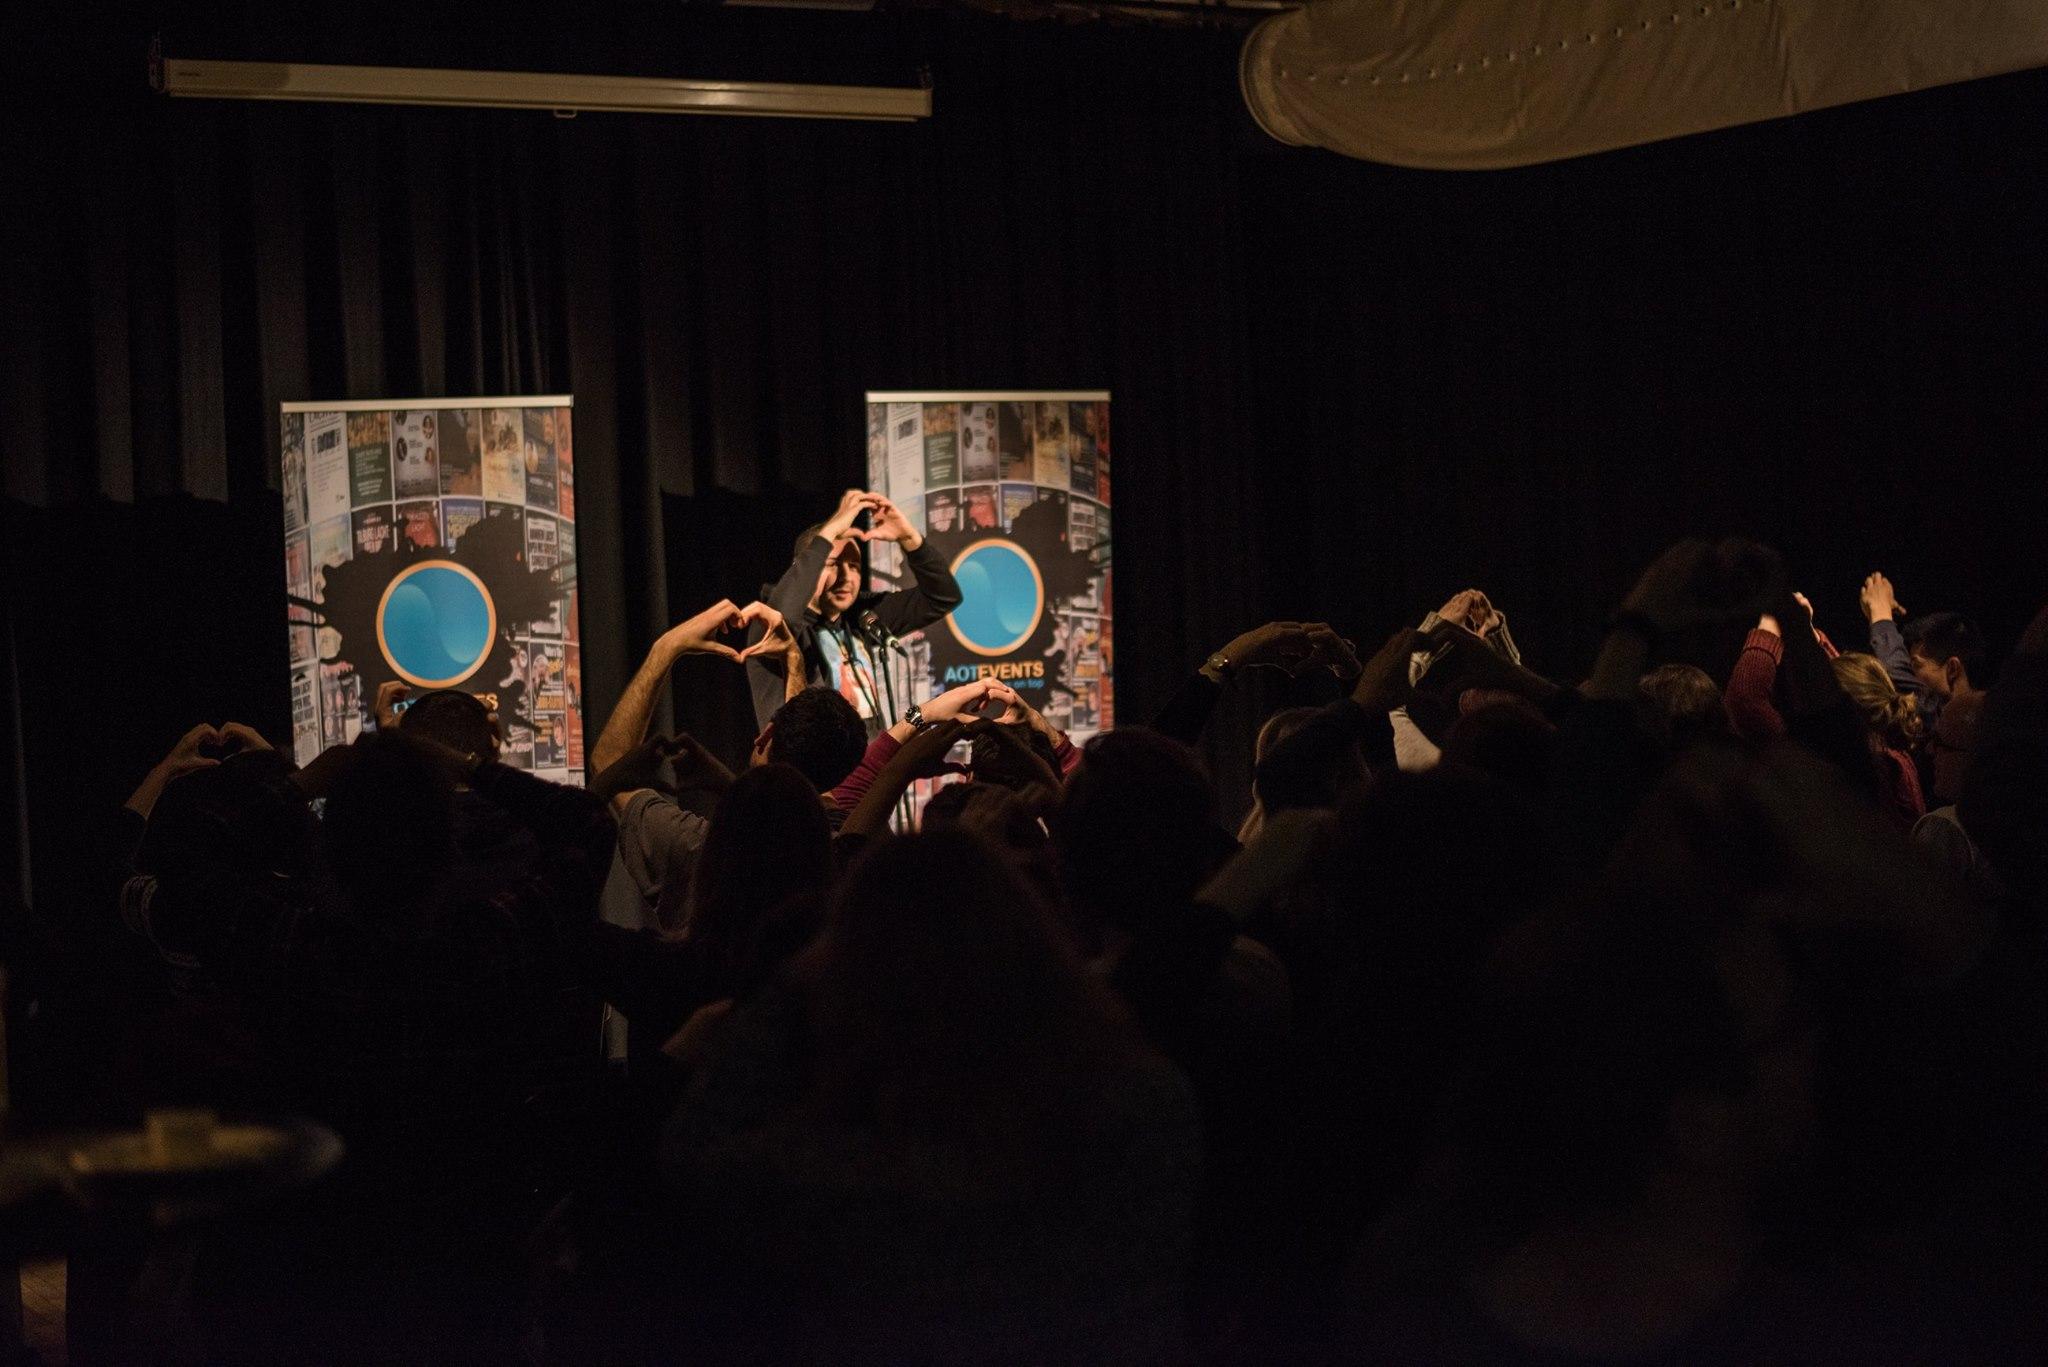 Ticket kopen voor evenement The Hague Laughs: Open Mic, Comedy Night